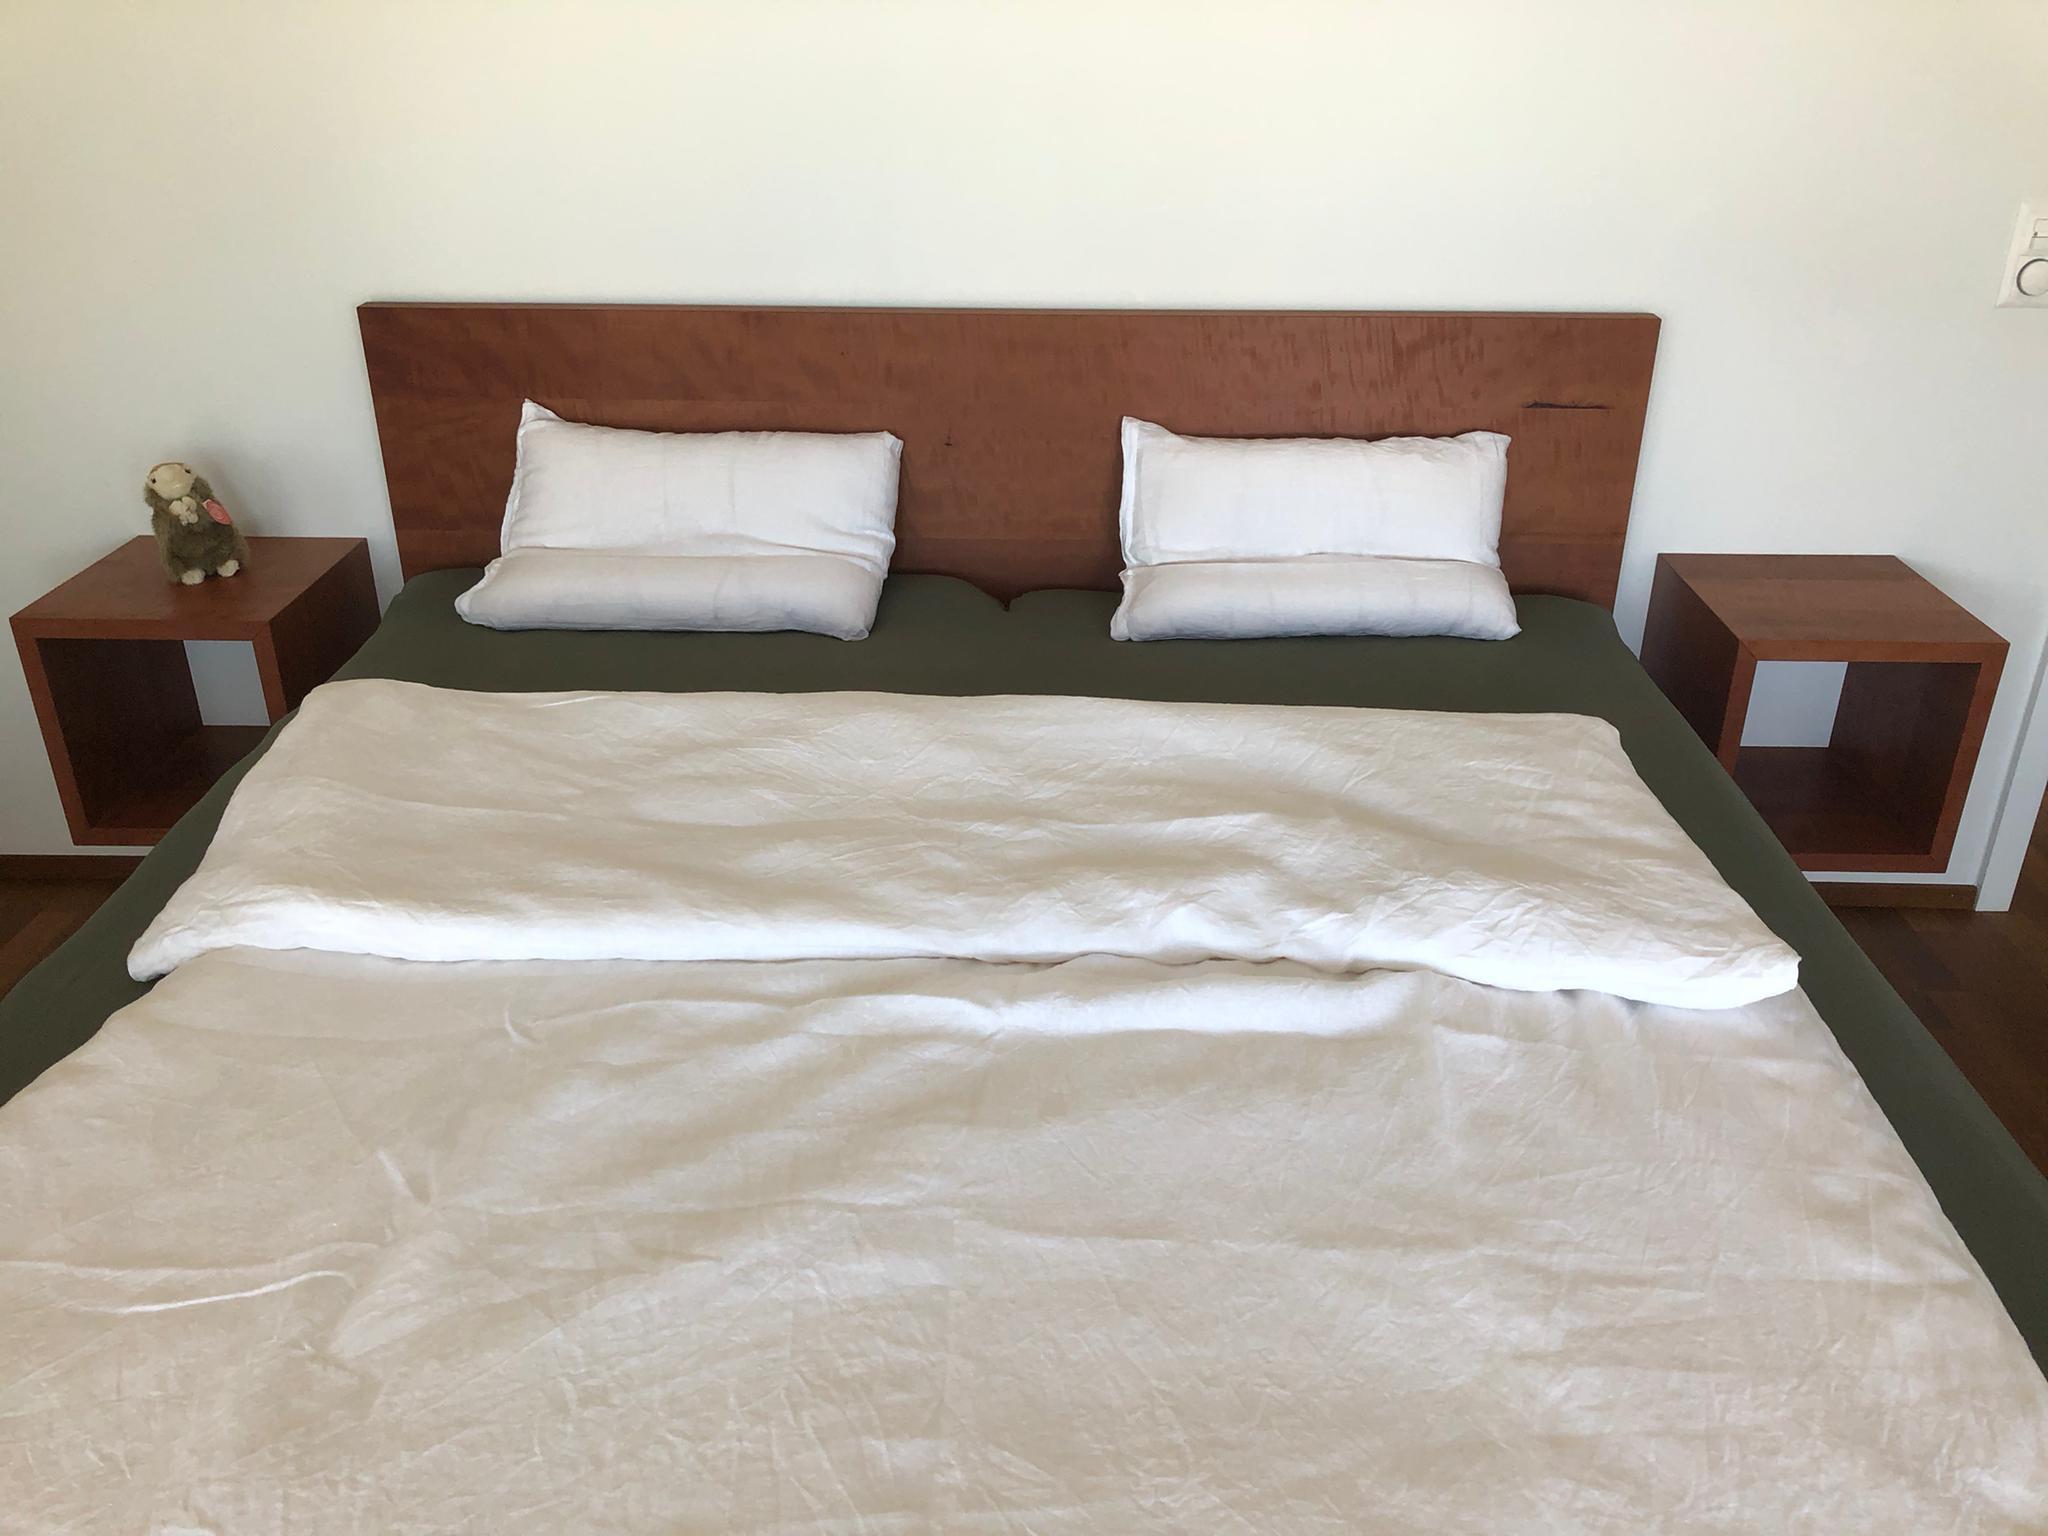 Birnen Holz Bett mit passenden Nachttisch Würfeln